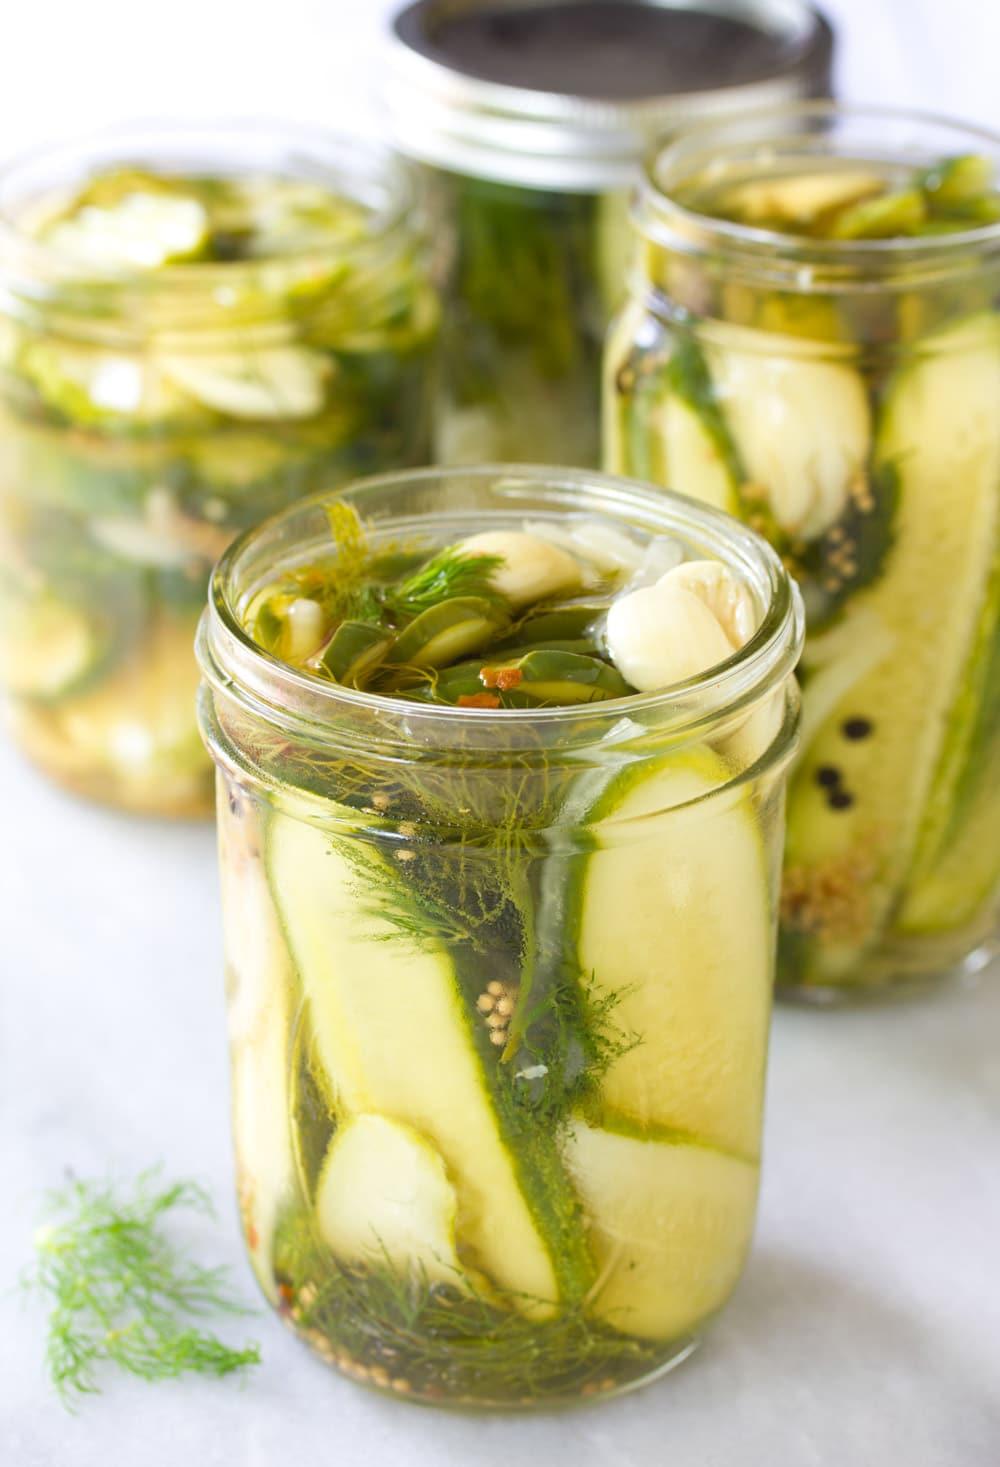 Jarred Pickled Cucumbers #ASpicyPerspective #Pickles #RefrigeratorPickles #HomemadePickles #PickleRecipe #HowtoMakePickles